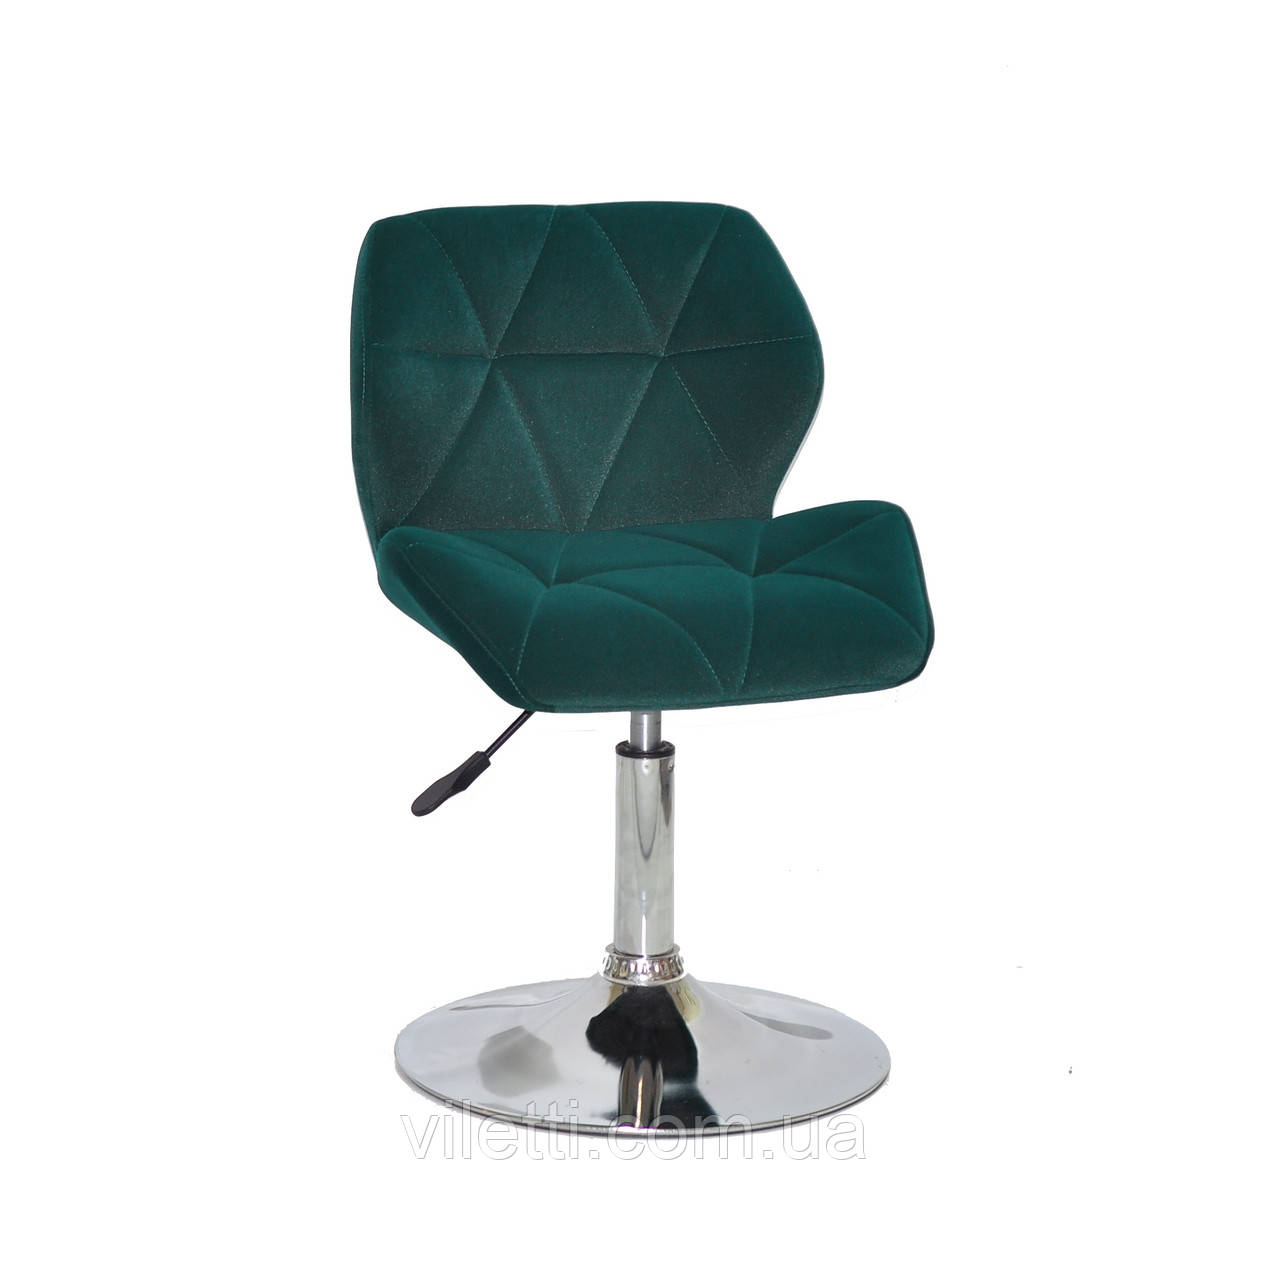 Біле крісло на млинці з еко-шкіри на чорному підставі Set BK Base